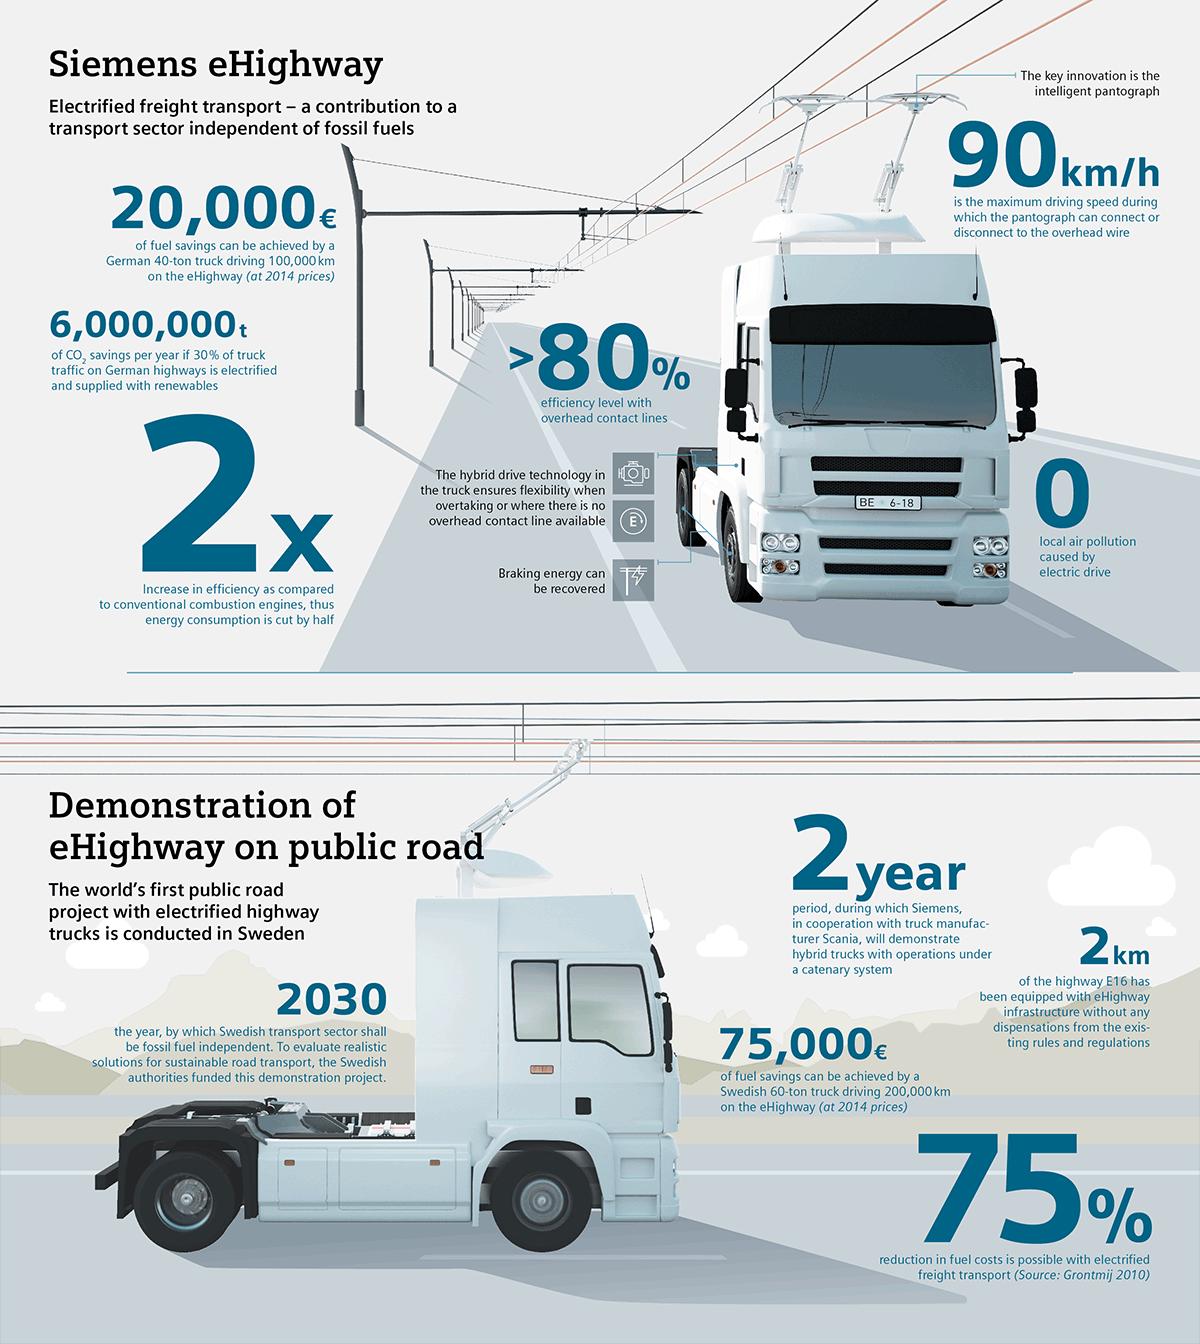 Швеция открыла электрическое шоссе длиной 2 км для грузовиков - 2